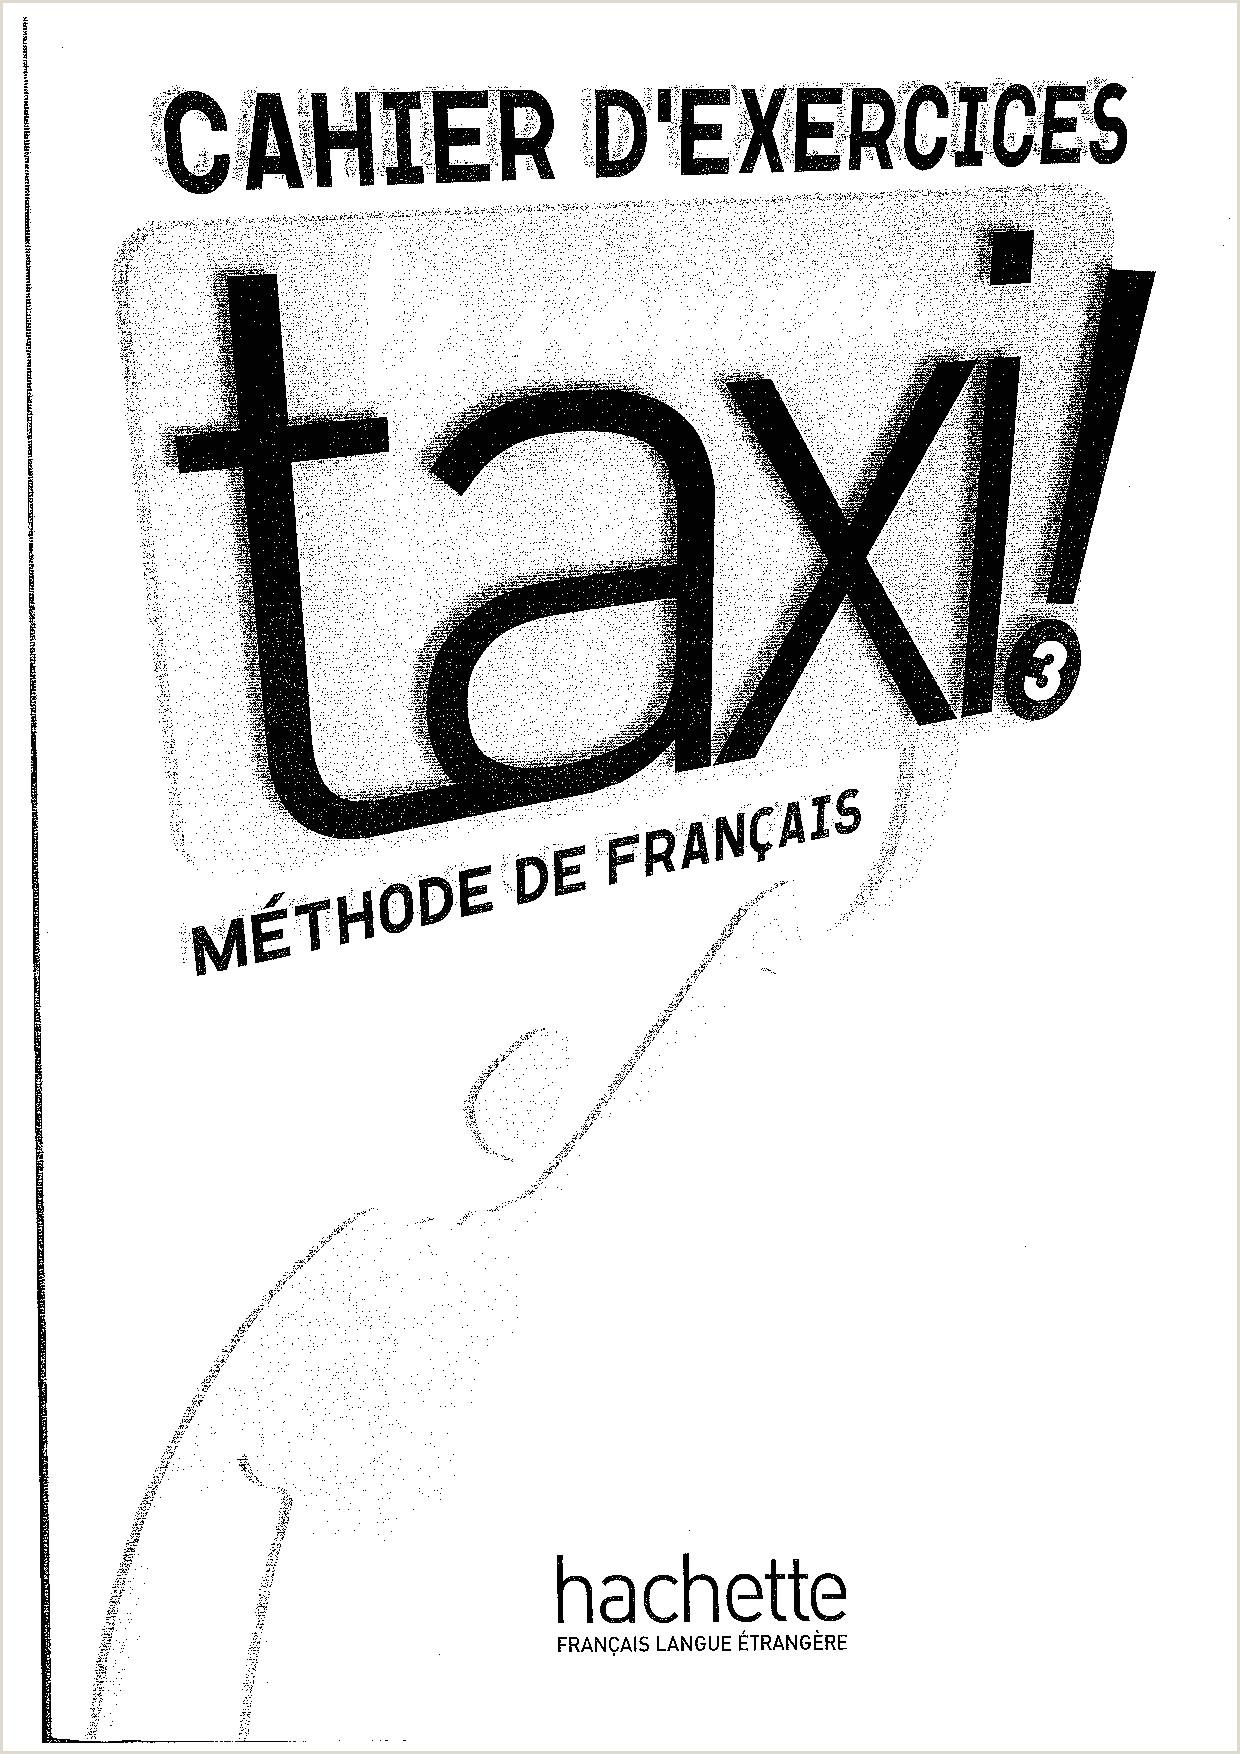 Le noveau TAXI frances exercicios Le noveau TAXI frances